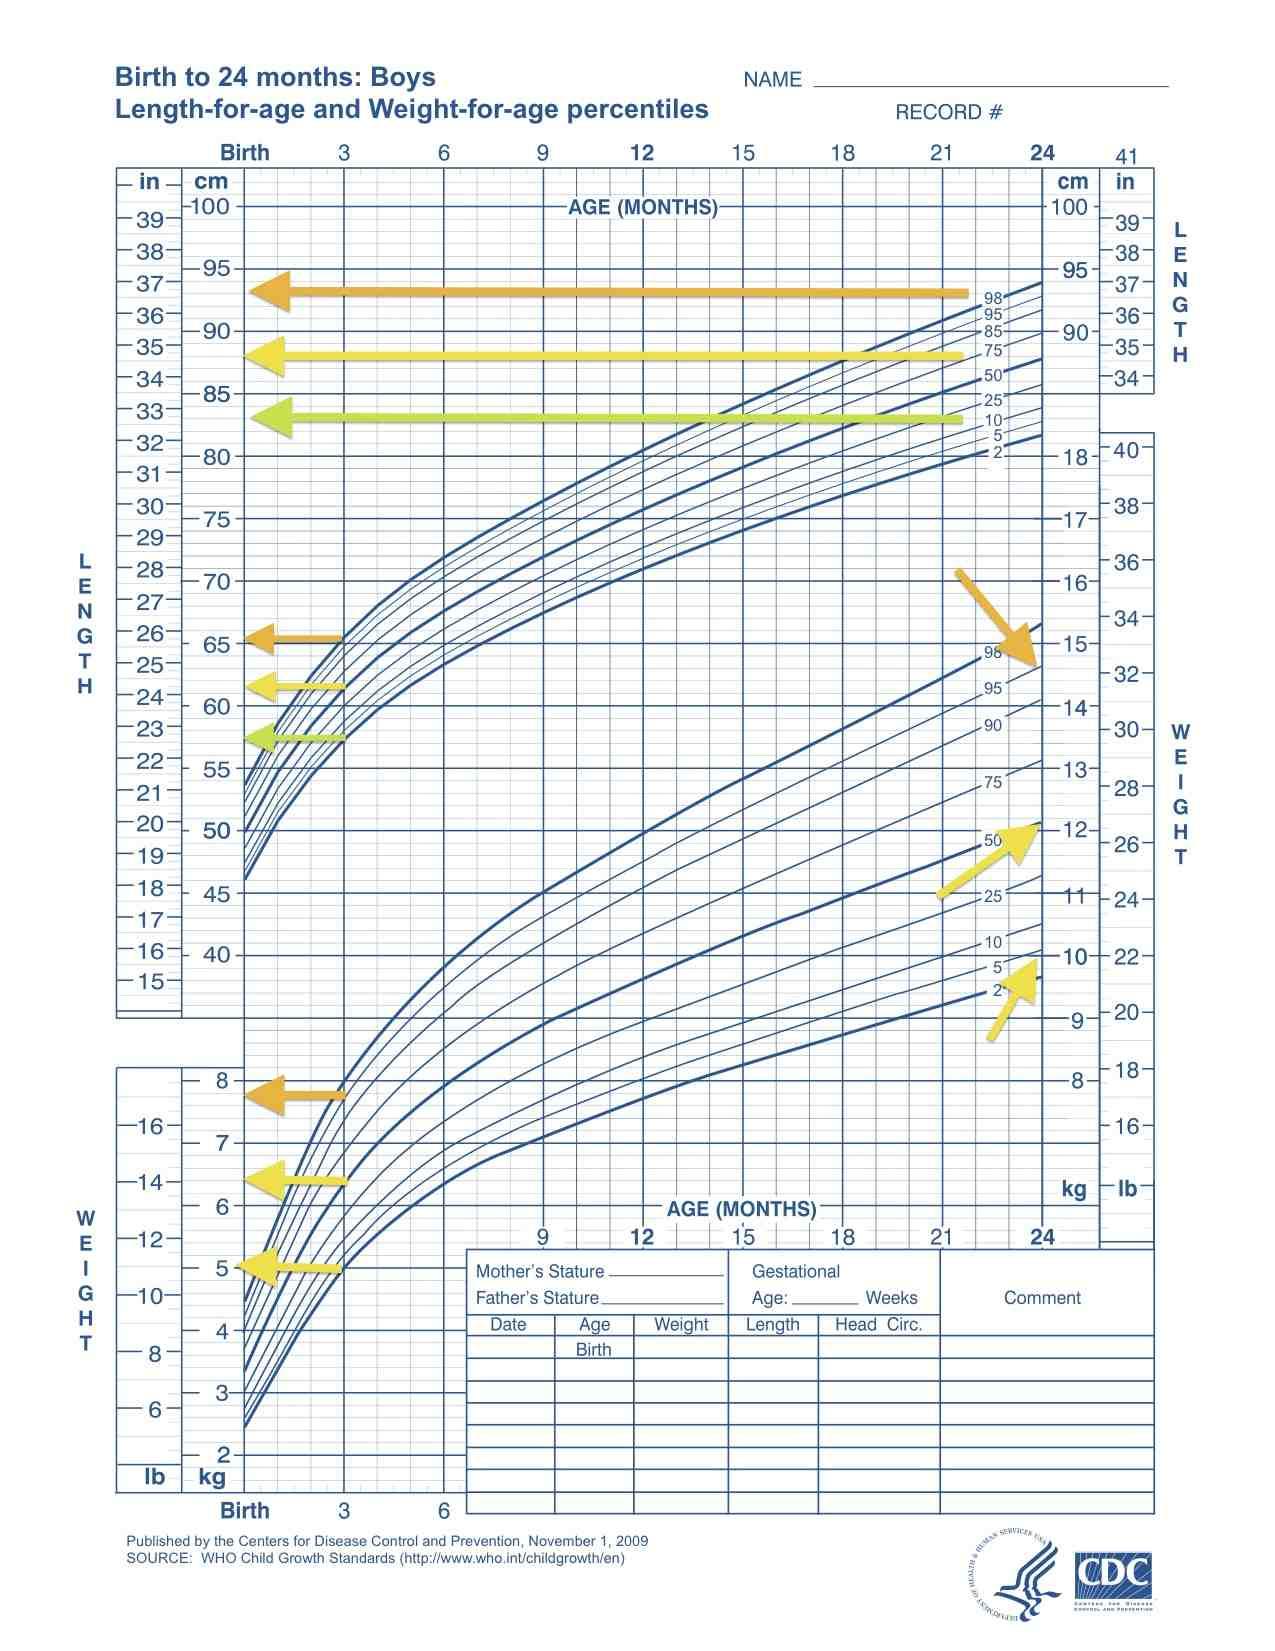 Curva di crescita OMS per bambini da 0 a 24 mesi.